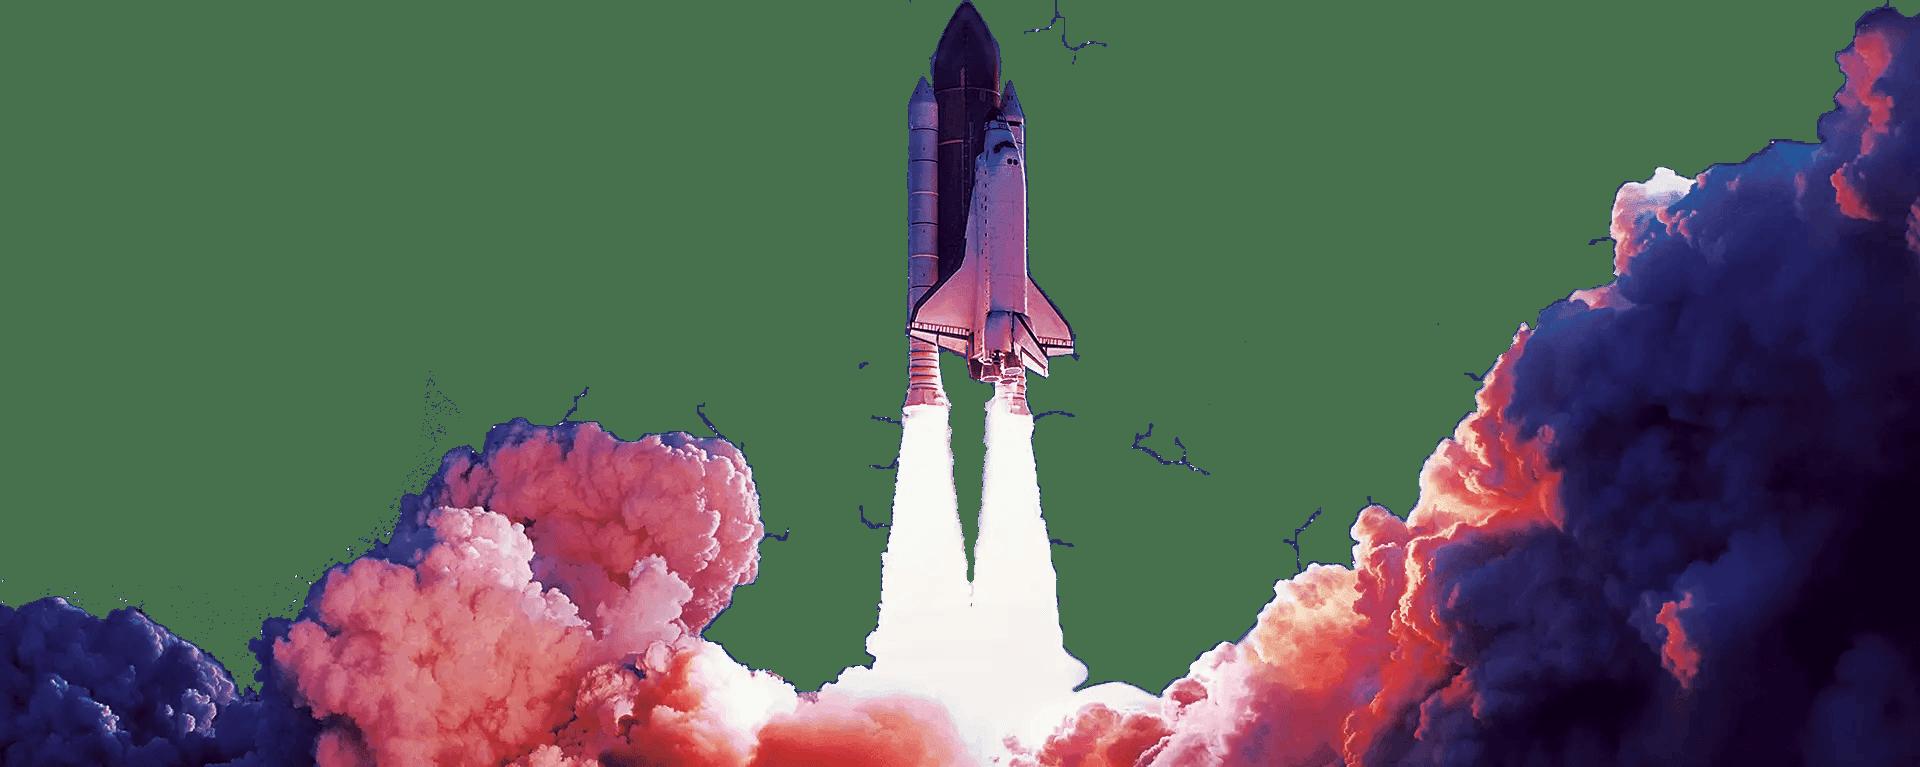 banner-foguete-min